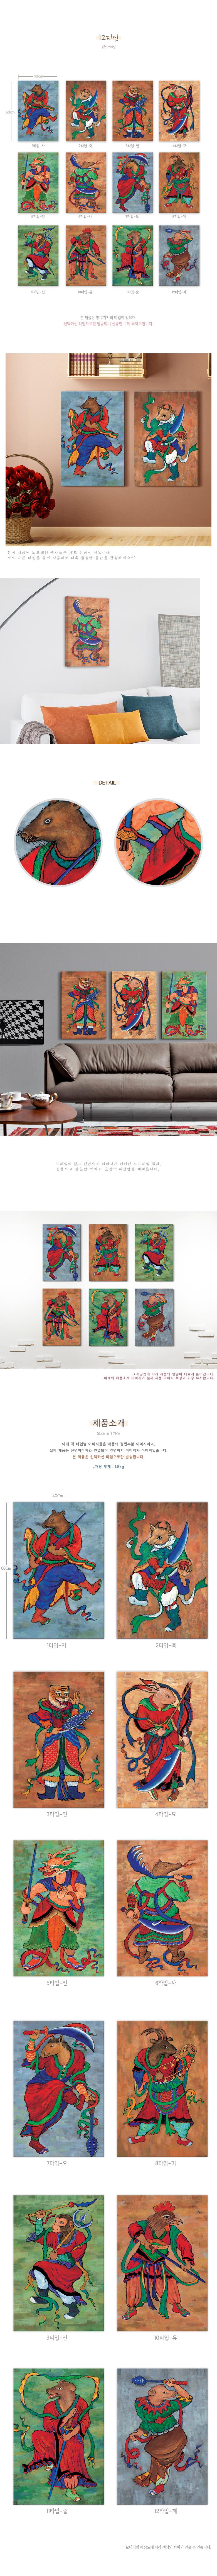 iw751-12지신_중형노프레임 - 꾸밈, 30,800원, 액자, 벽걸이액자